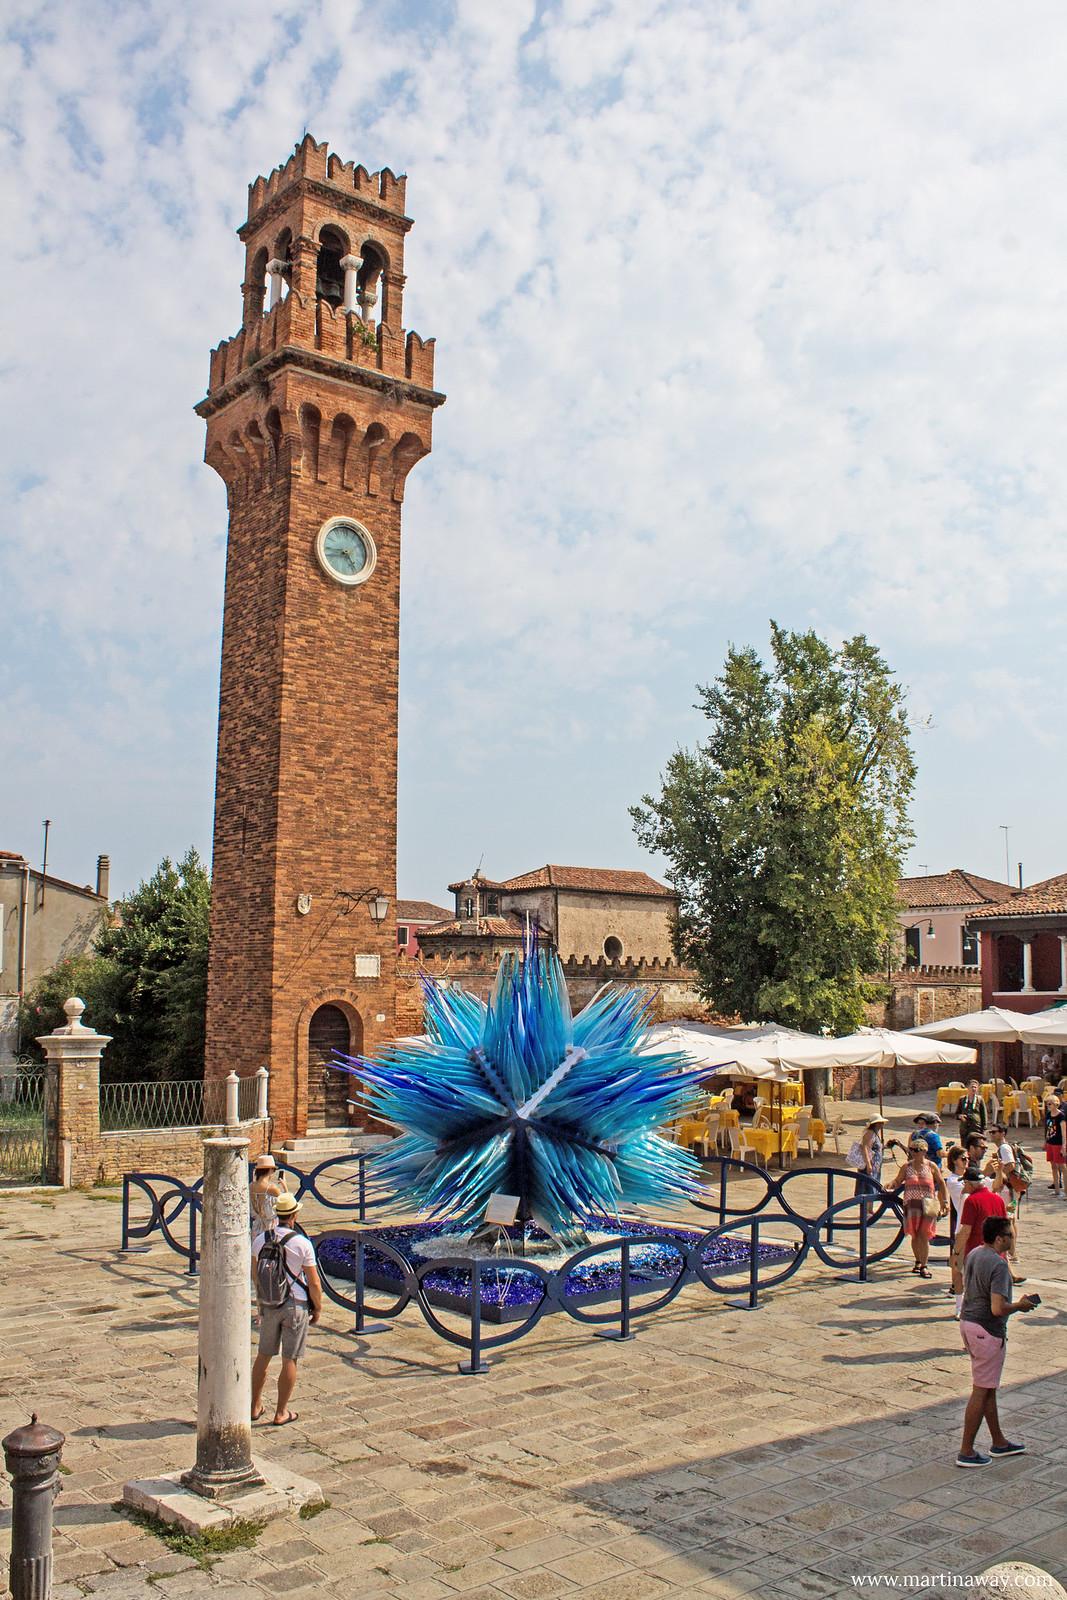 Torre dell'Orologio e Cometa di Vetro in Campo Santo Stefano, Murano